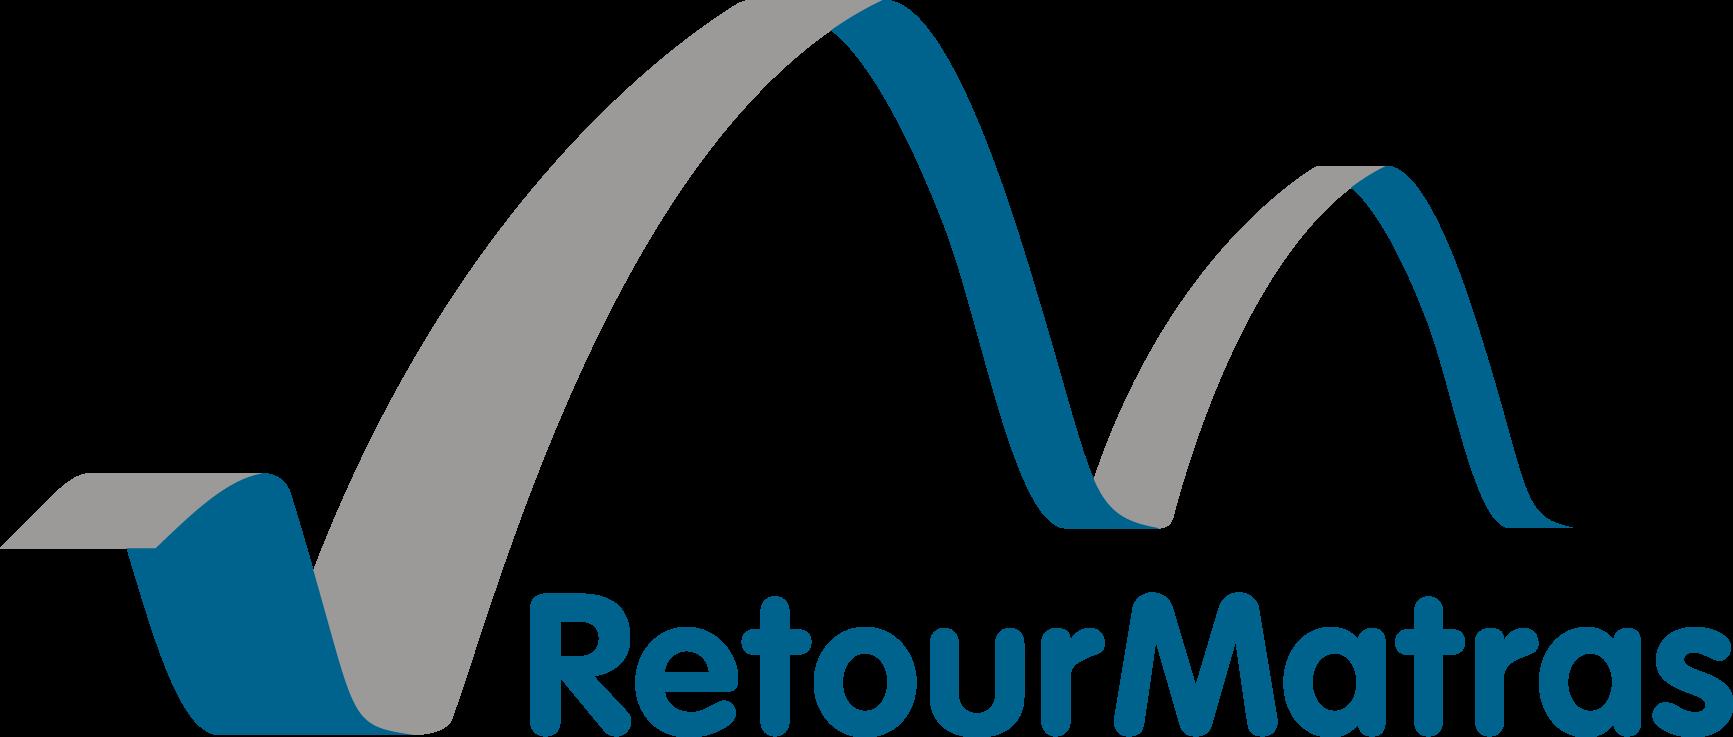 RetourMatras's logo